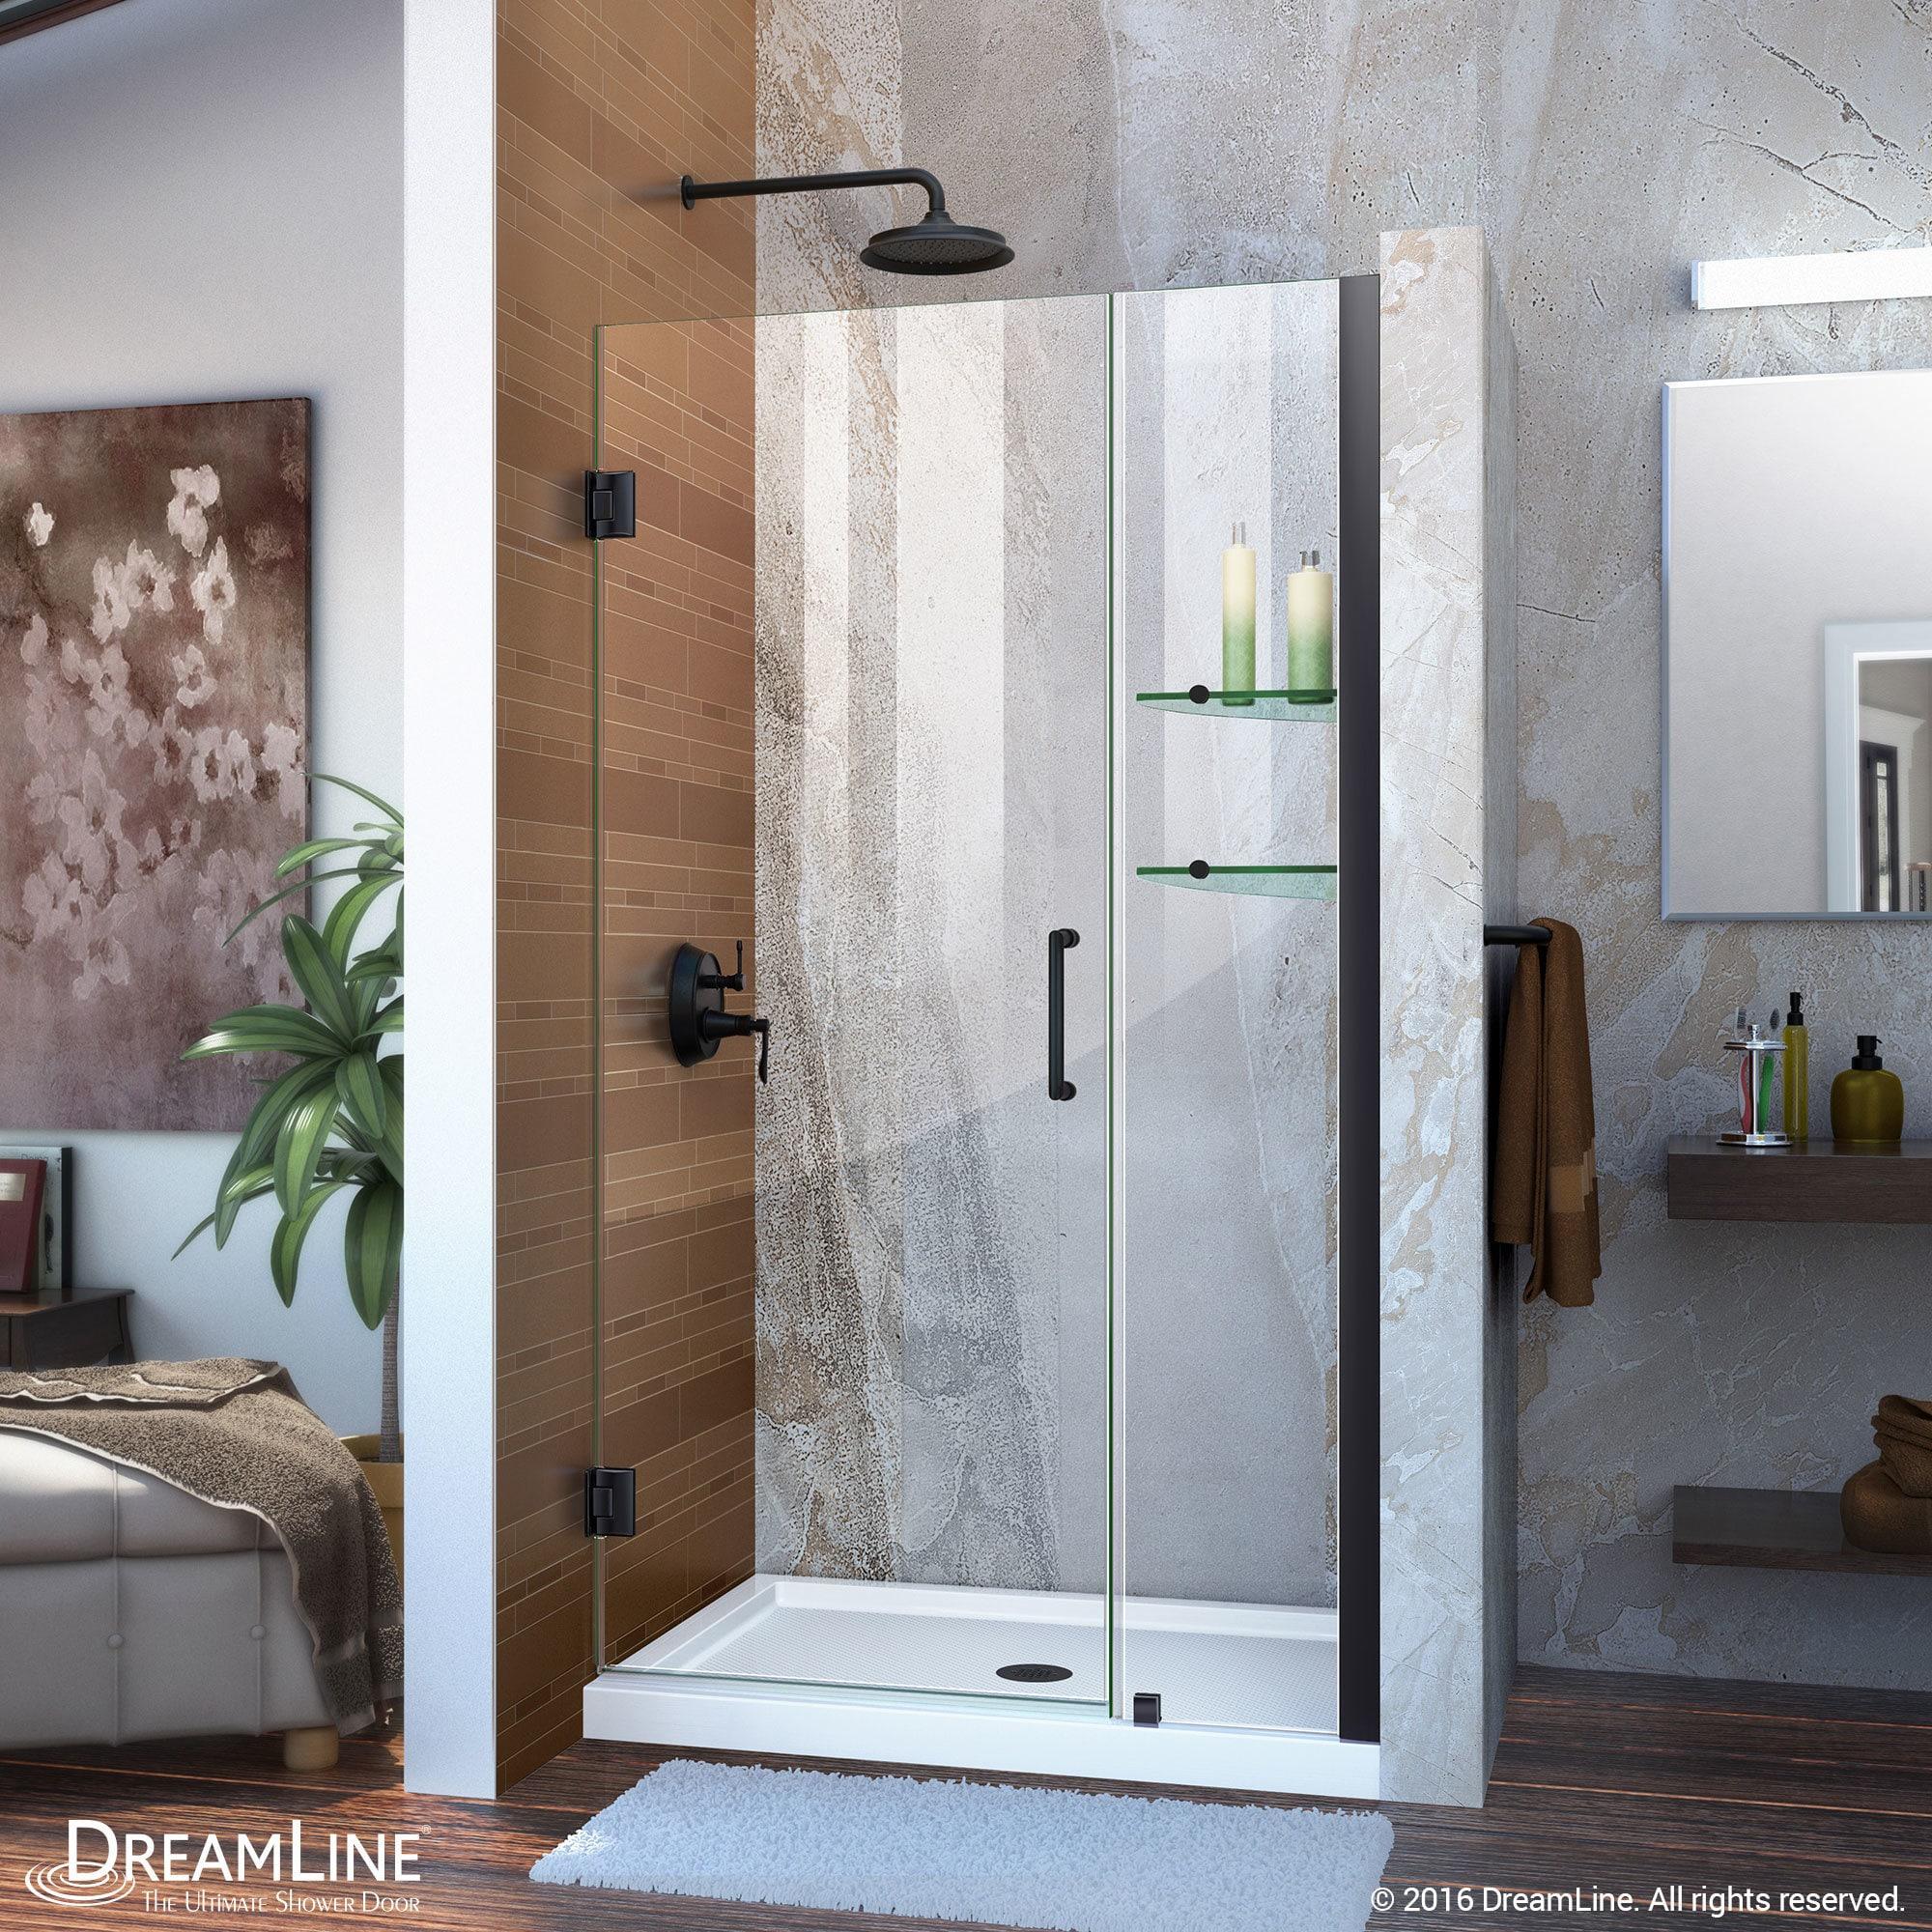 Shop DreamLine Unidoor 39 - 43 in. Frameless Hinged Shower Door ...